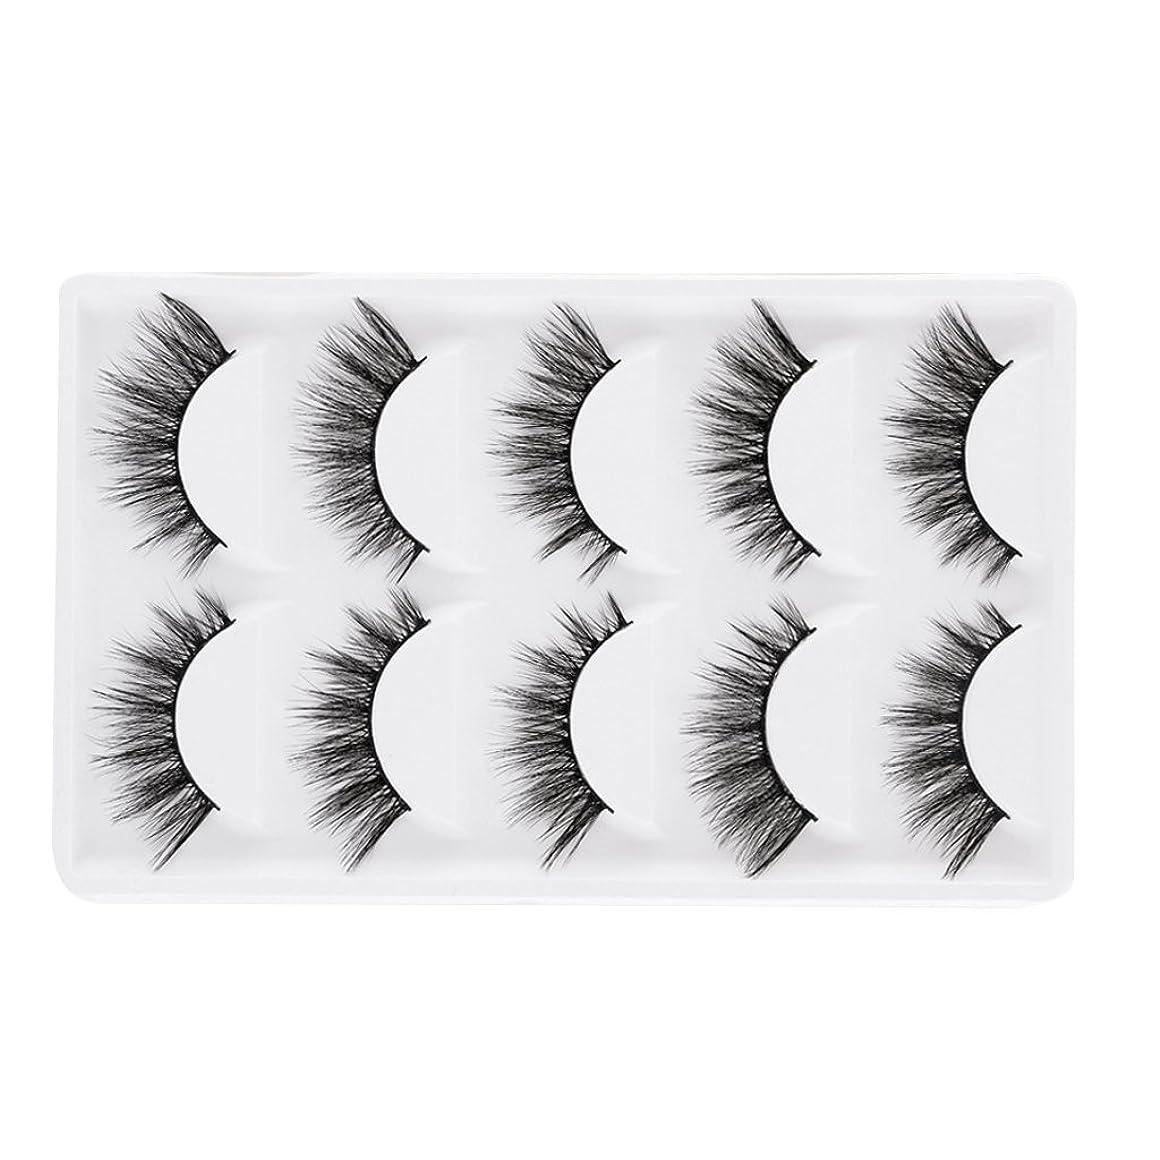 視線説得私たちのCUTICATE 3Dまつげ10PCS再利用可能なフルアイつけまつげエクステ美容